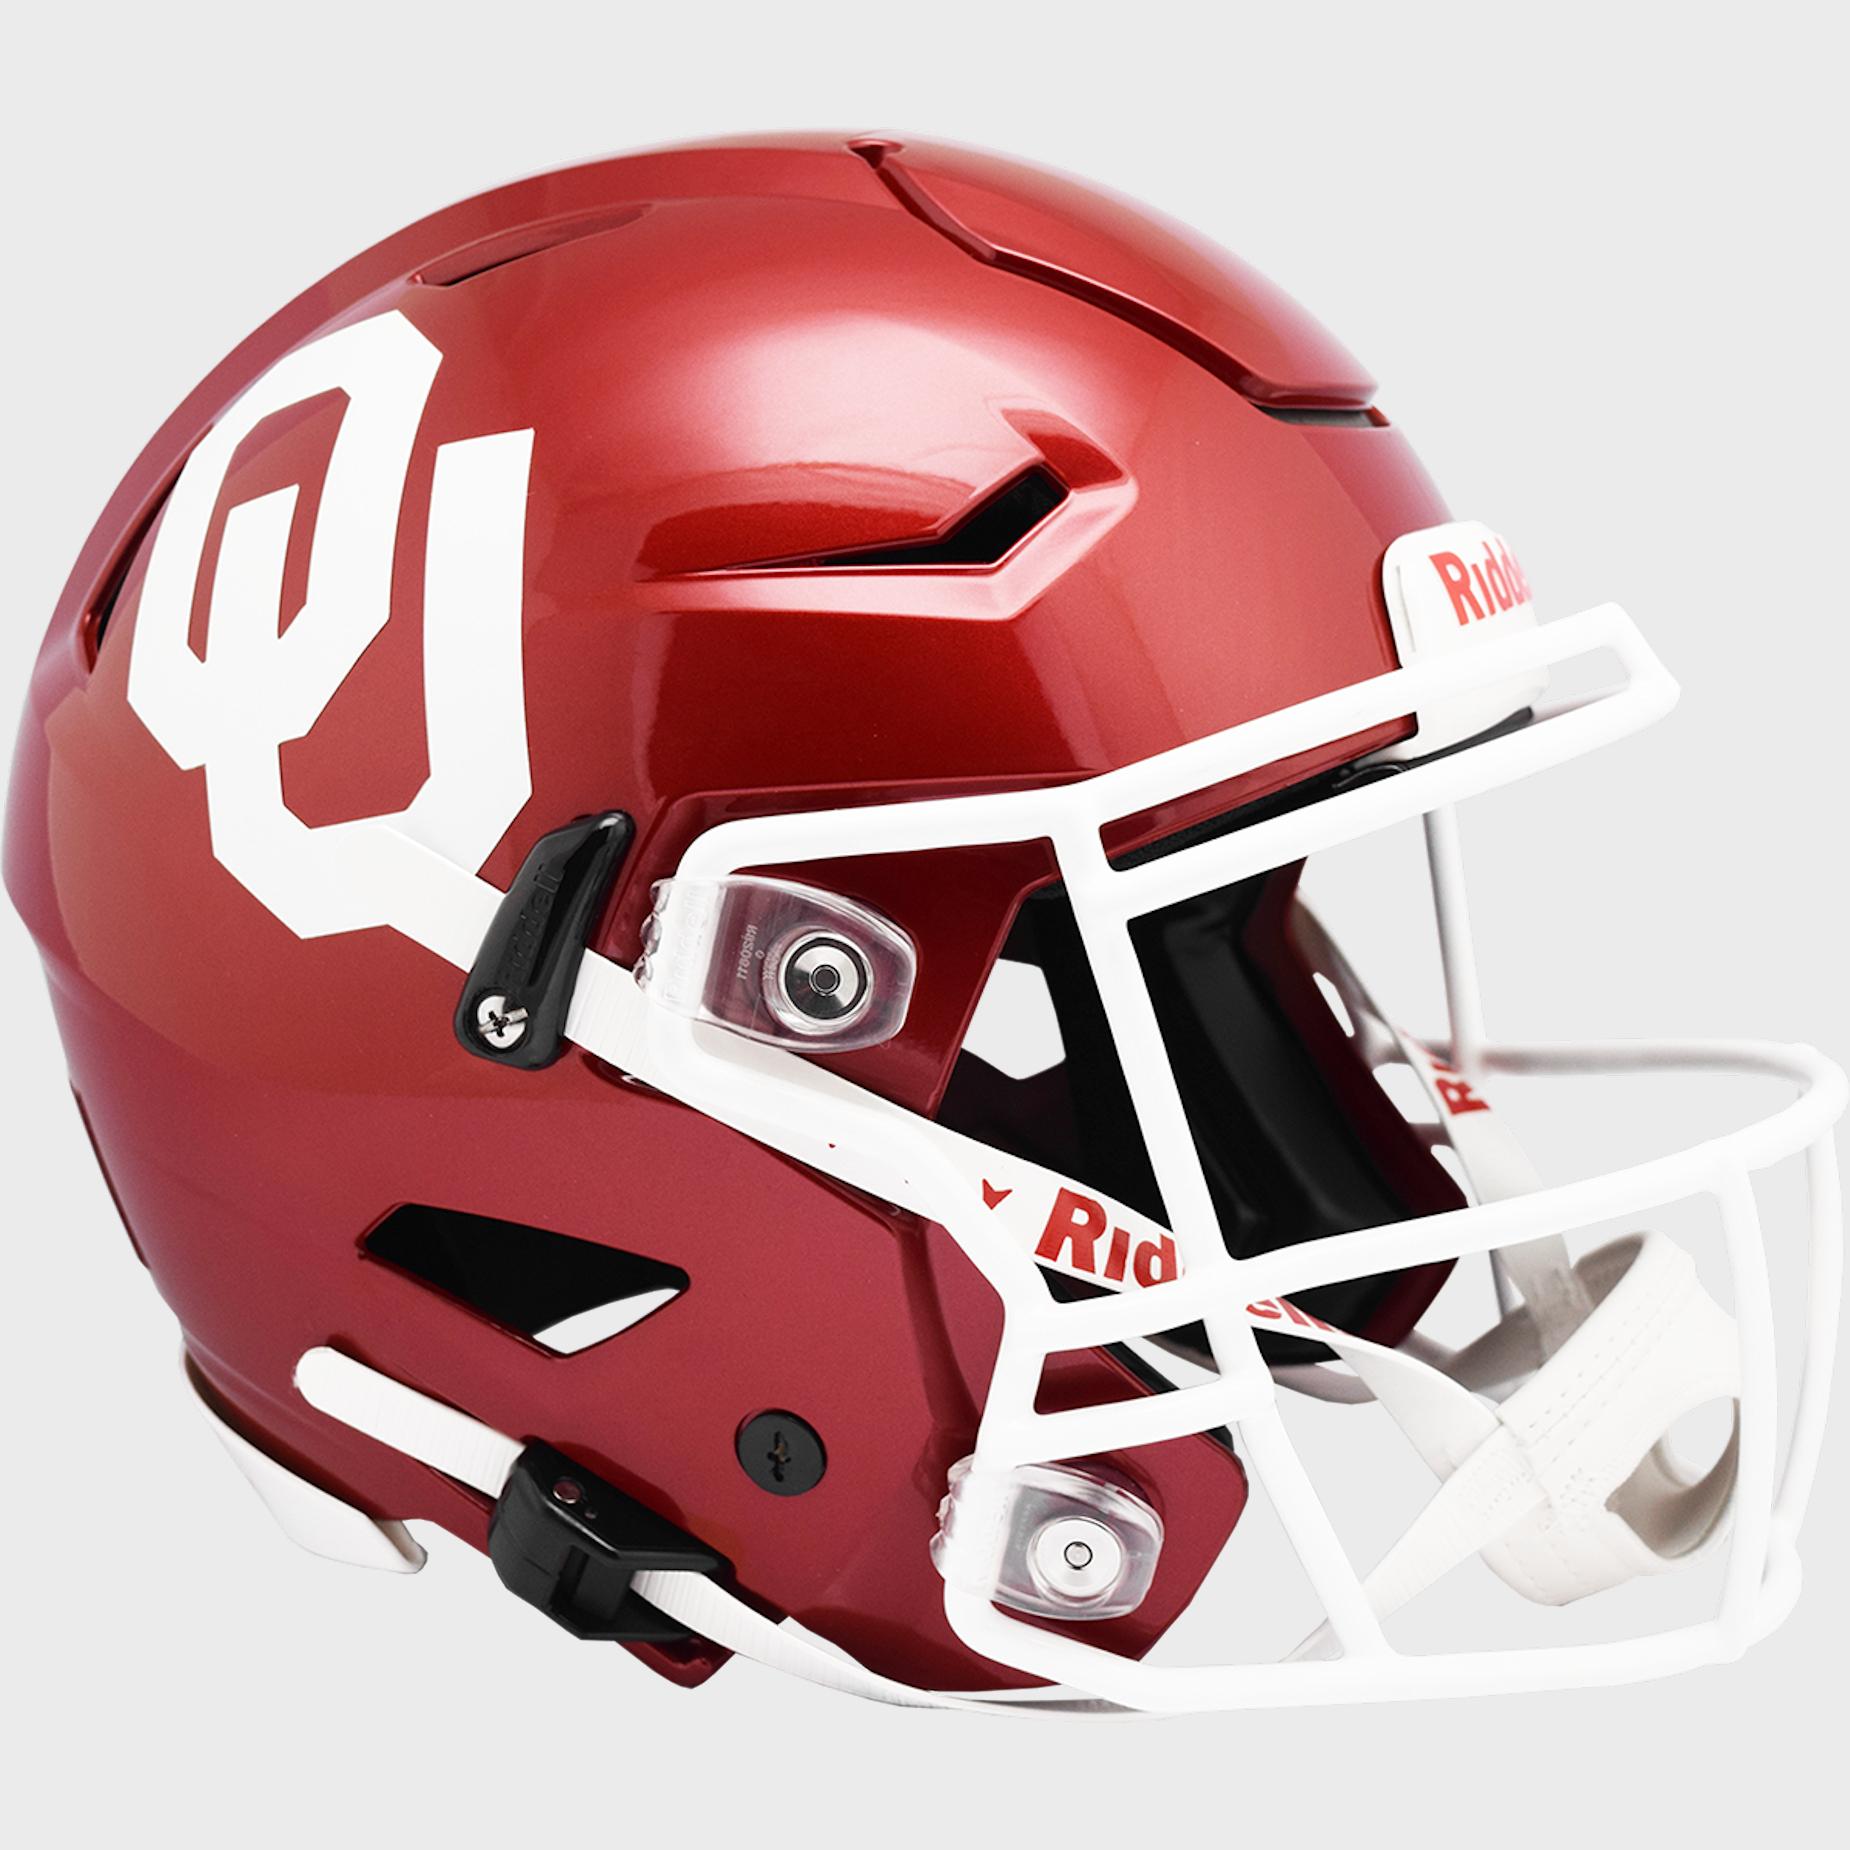 Oklahoma Sooners SpeedFlex Football Helmet